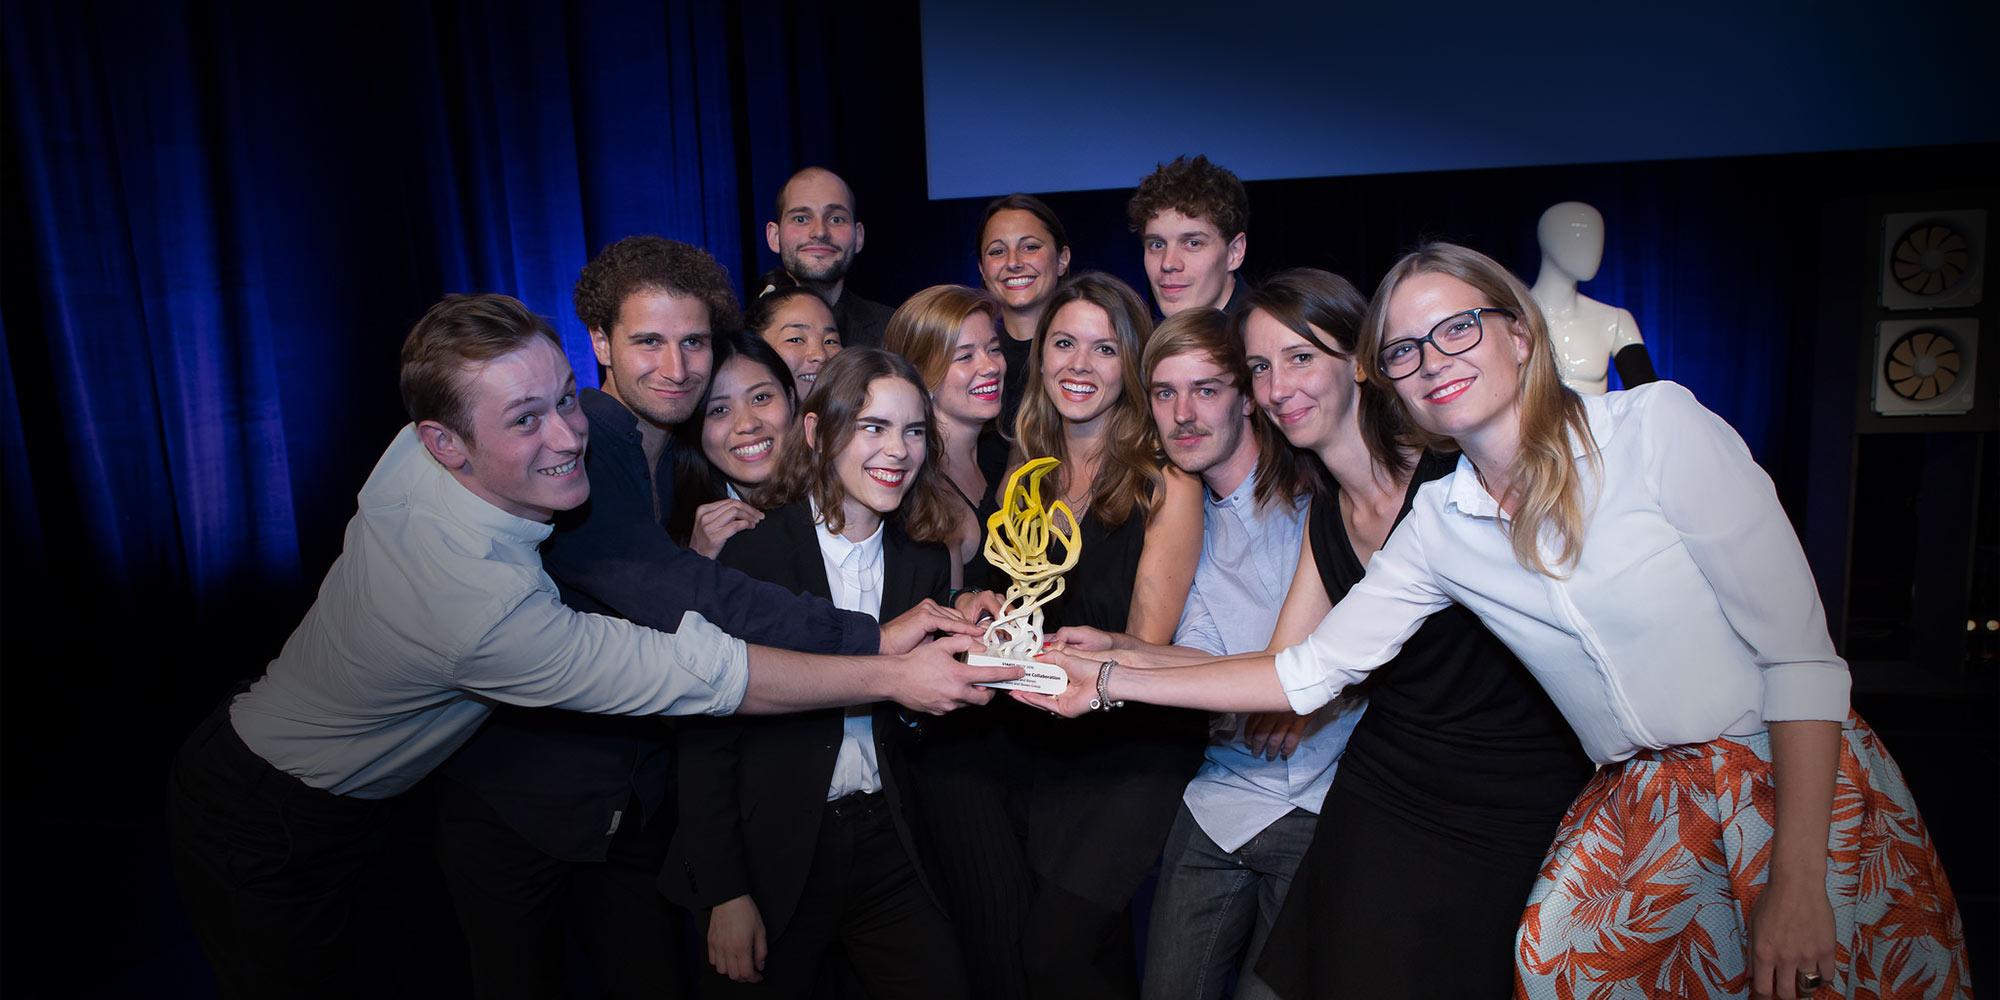 Die GewinnerInnen 2016